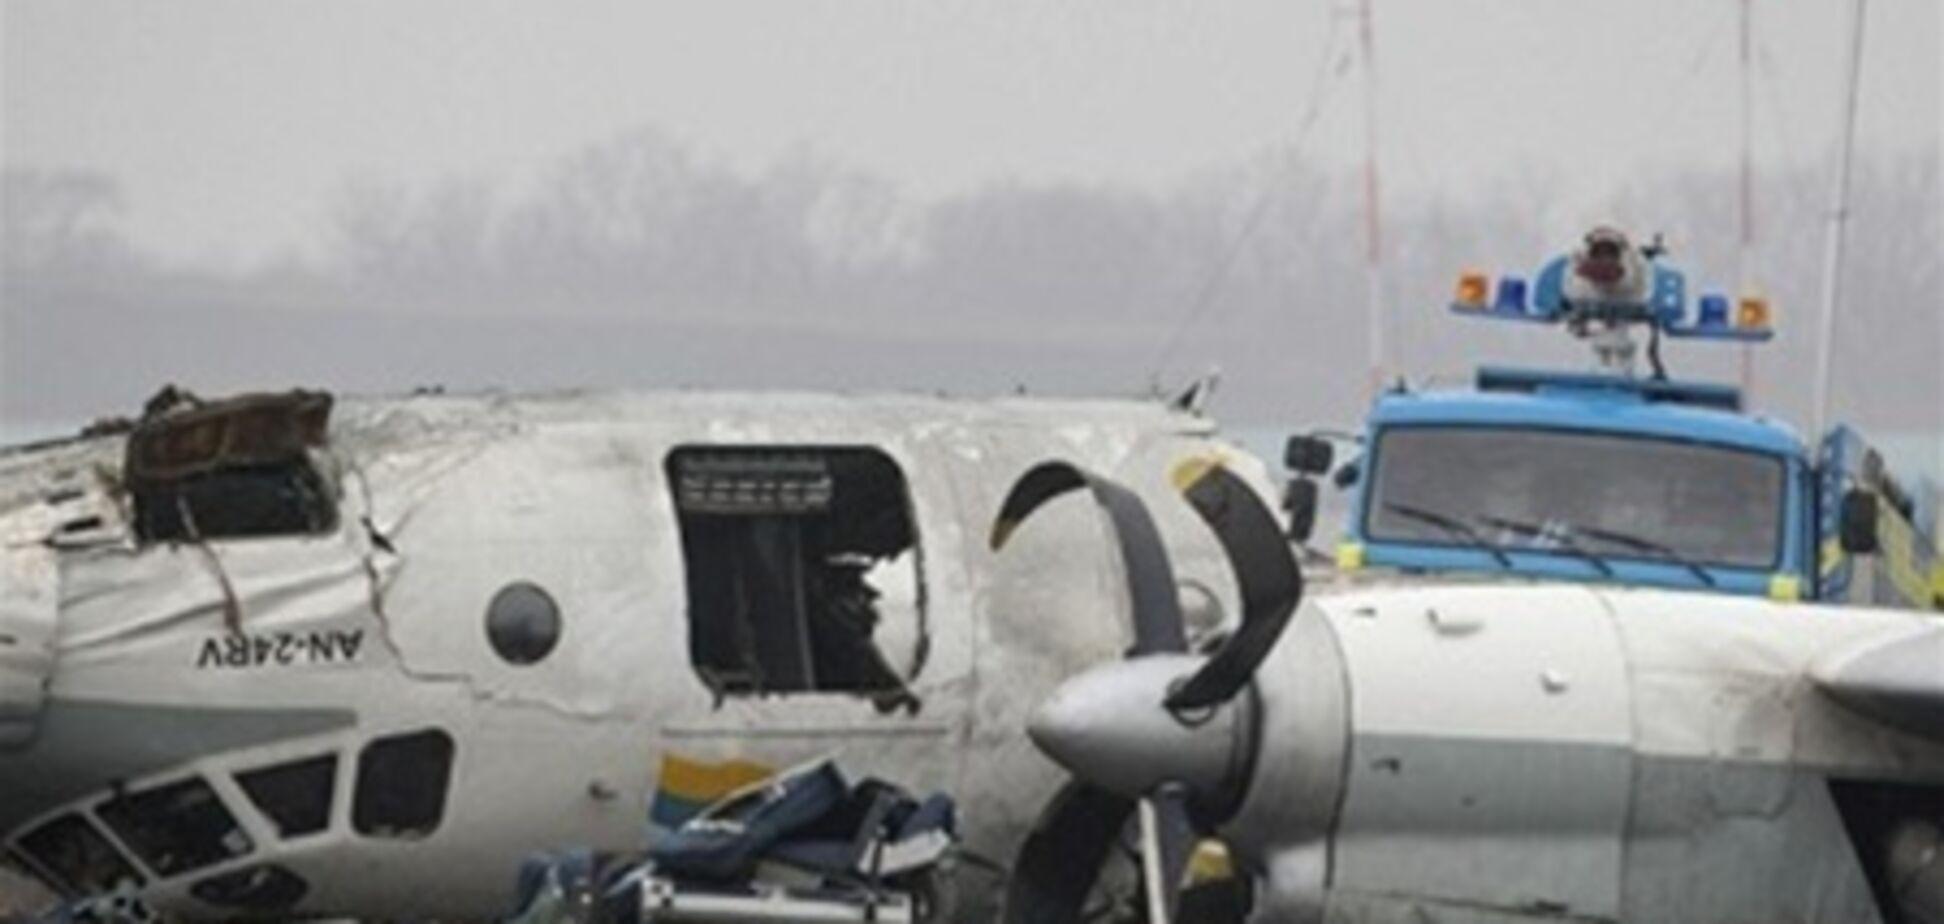 Сім'ям жертв катастрофи Ан-24 виплатять по 100 тисяч гривень